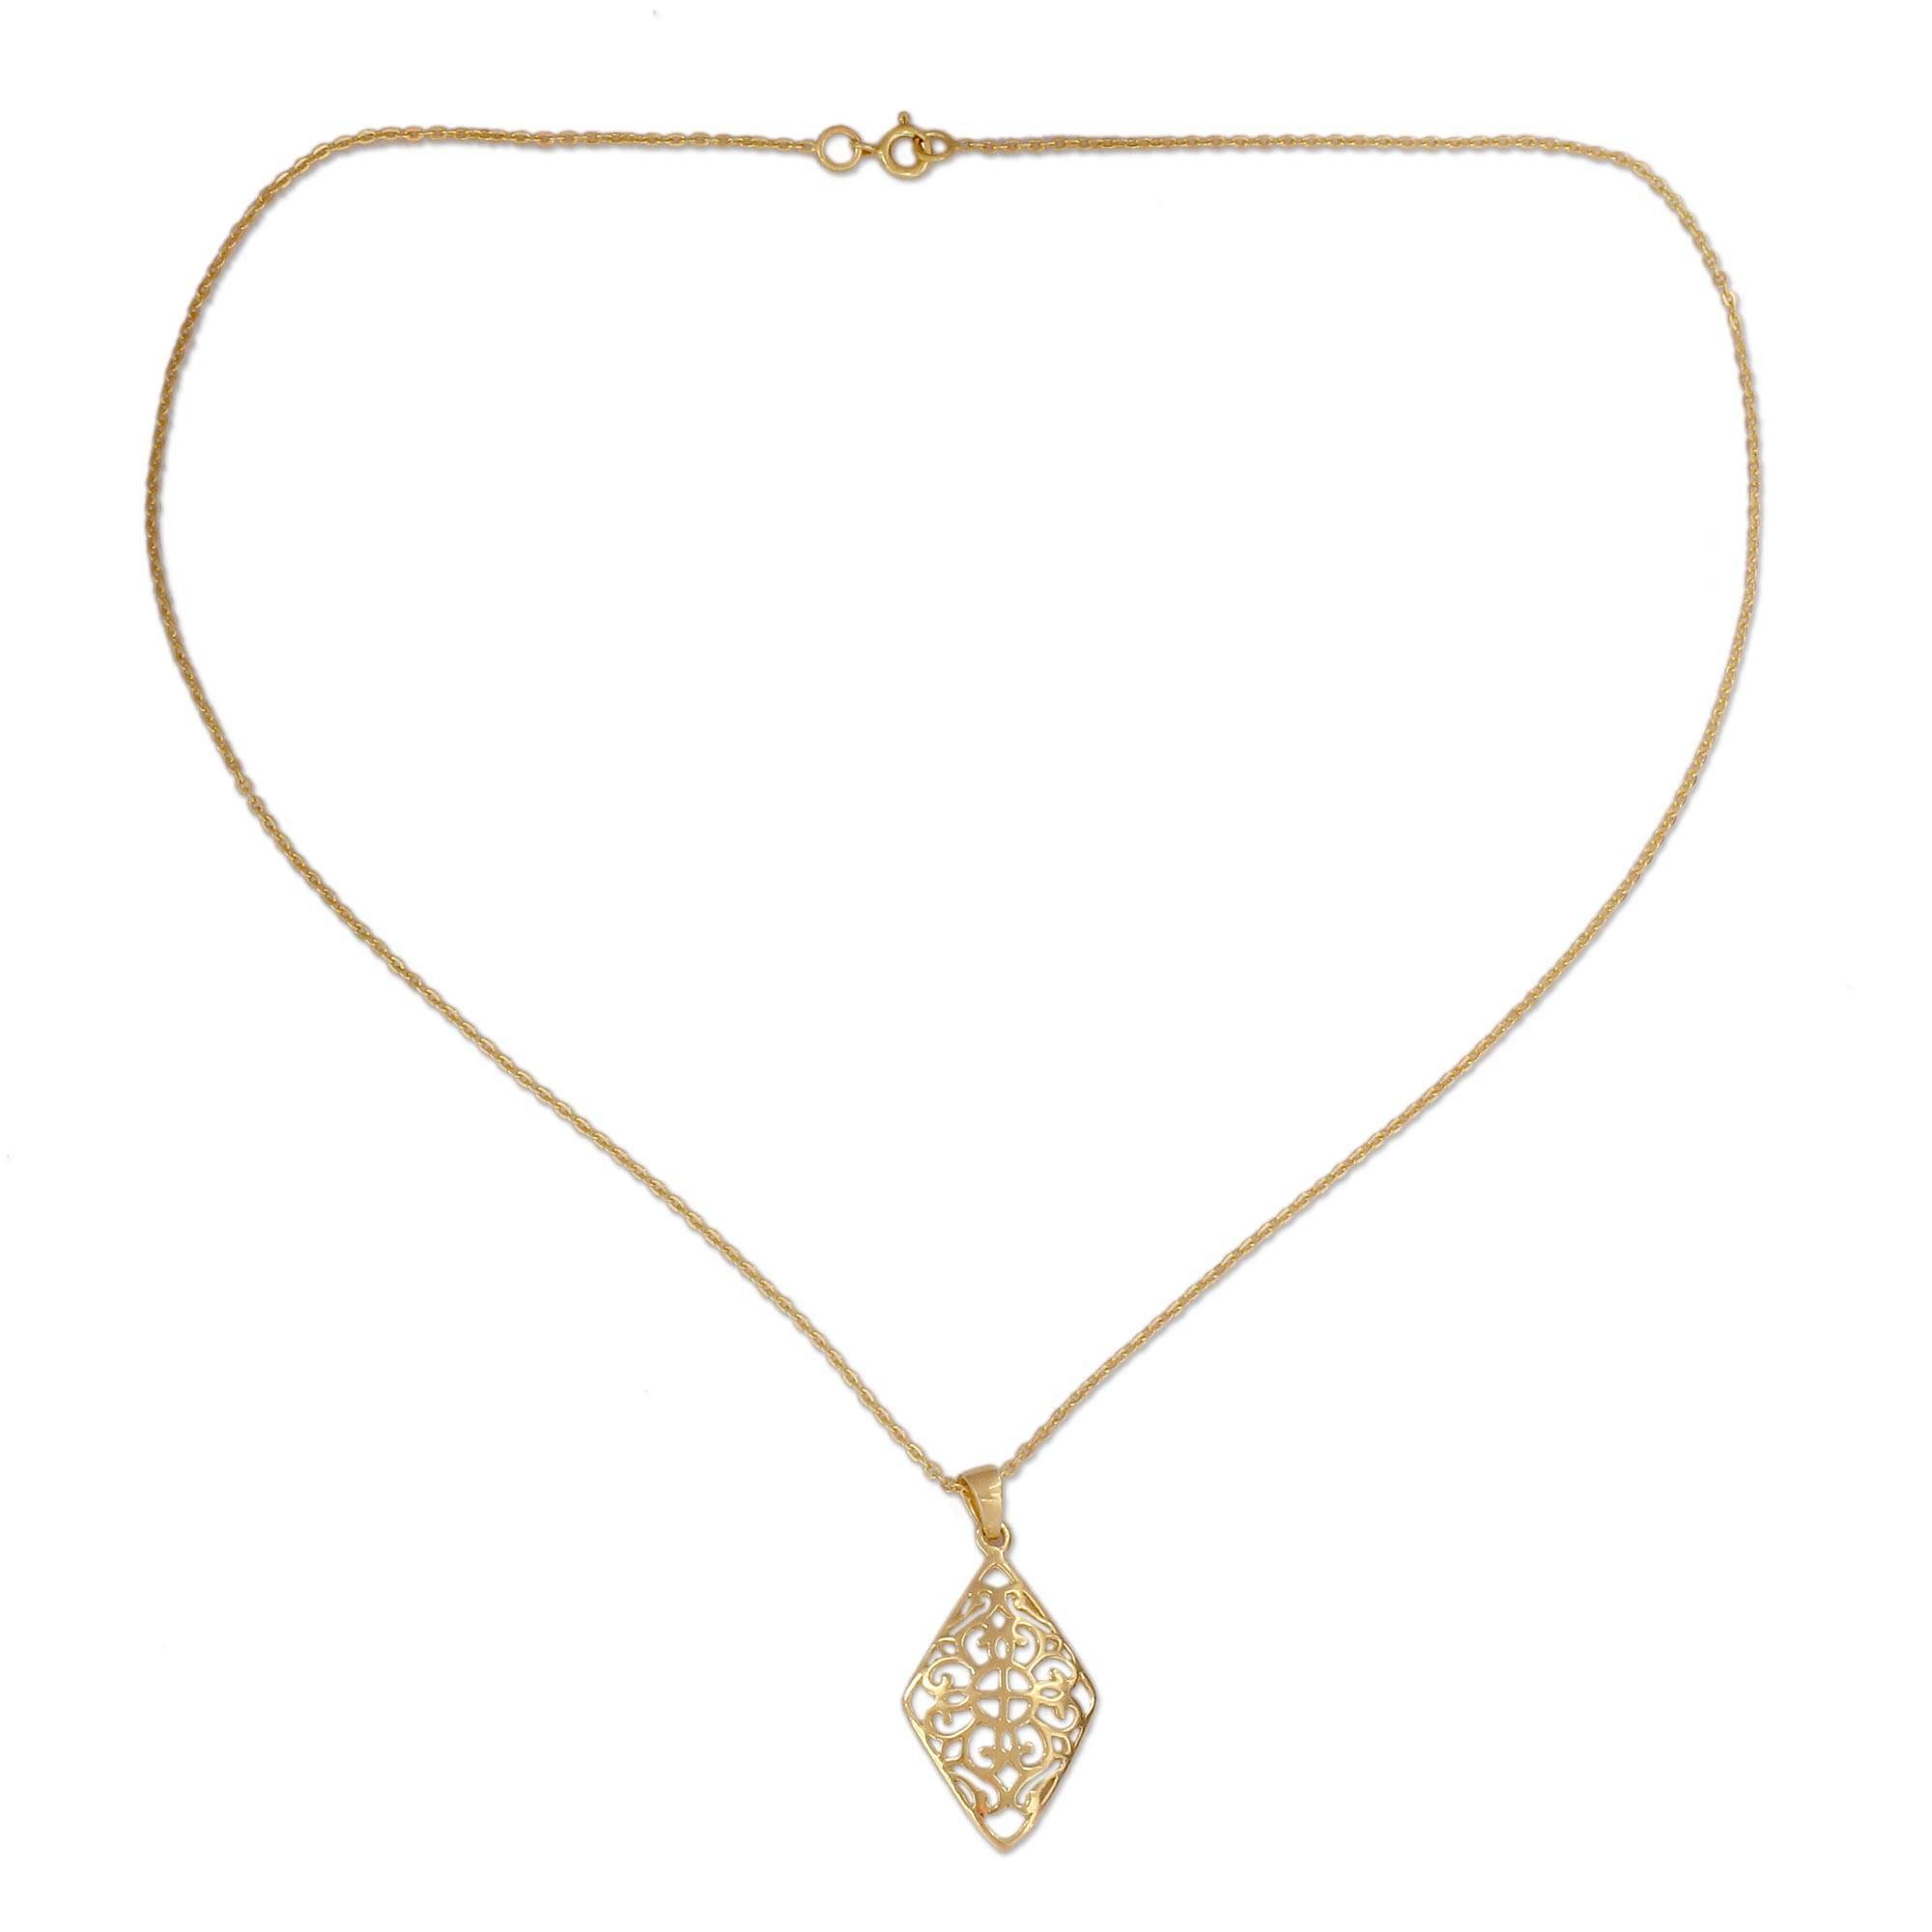 Gold Vermeil Pendant Necklace, 'dazzling Jaipur' With Regard To 2020 Dazzling Locket Pendant Necklaces (View 10 of 25)